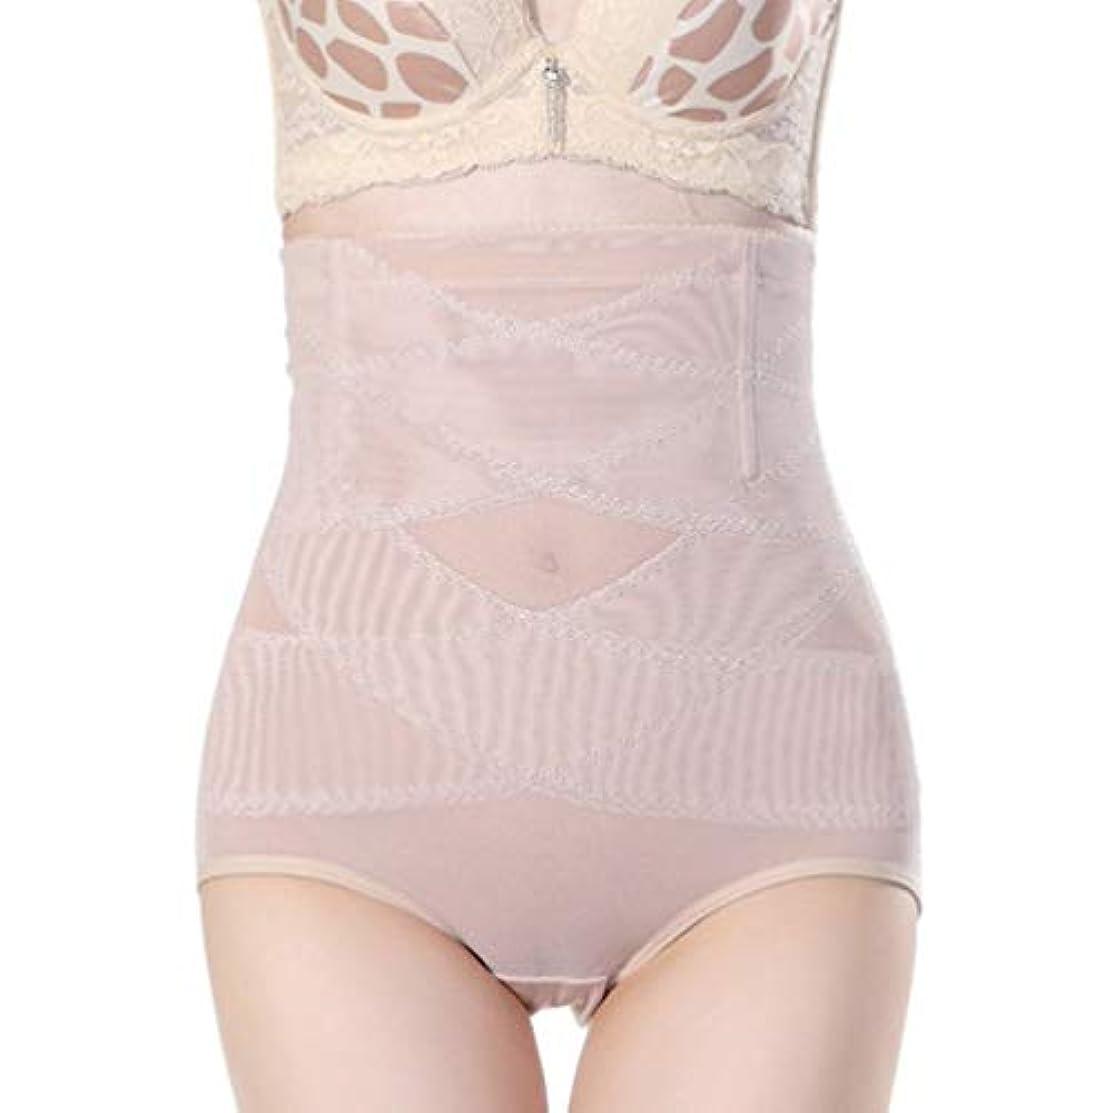 アーサー感謝する自己尊重腹部制御下着シームレスおなかコントロールパンティーバットリフターボディシェイパーを痩身通気性のハイウエストの女性 - 肌色3 XL